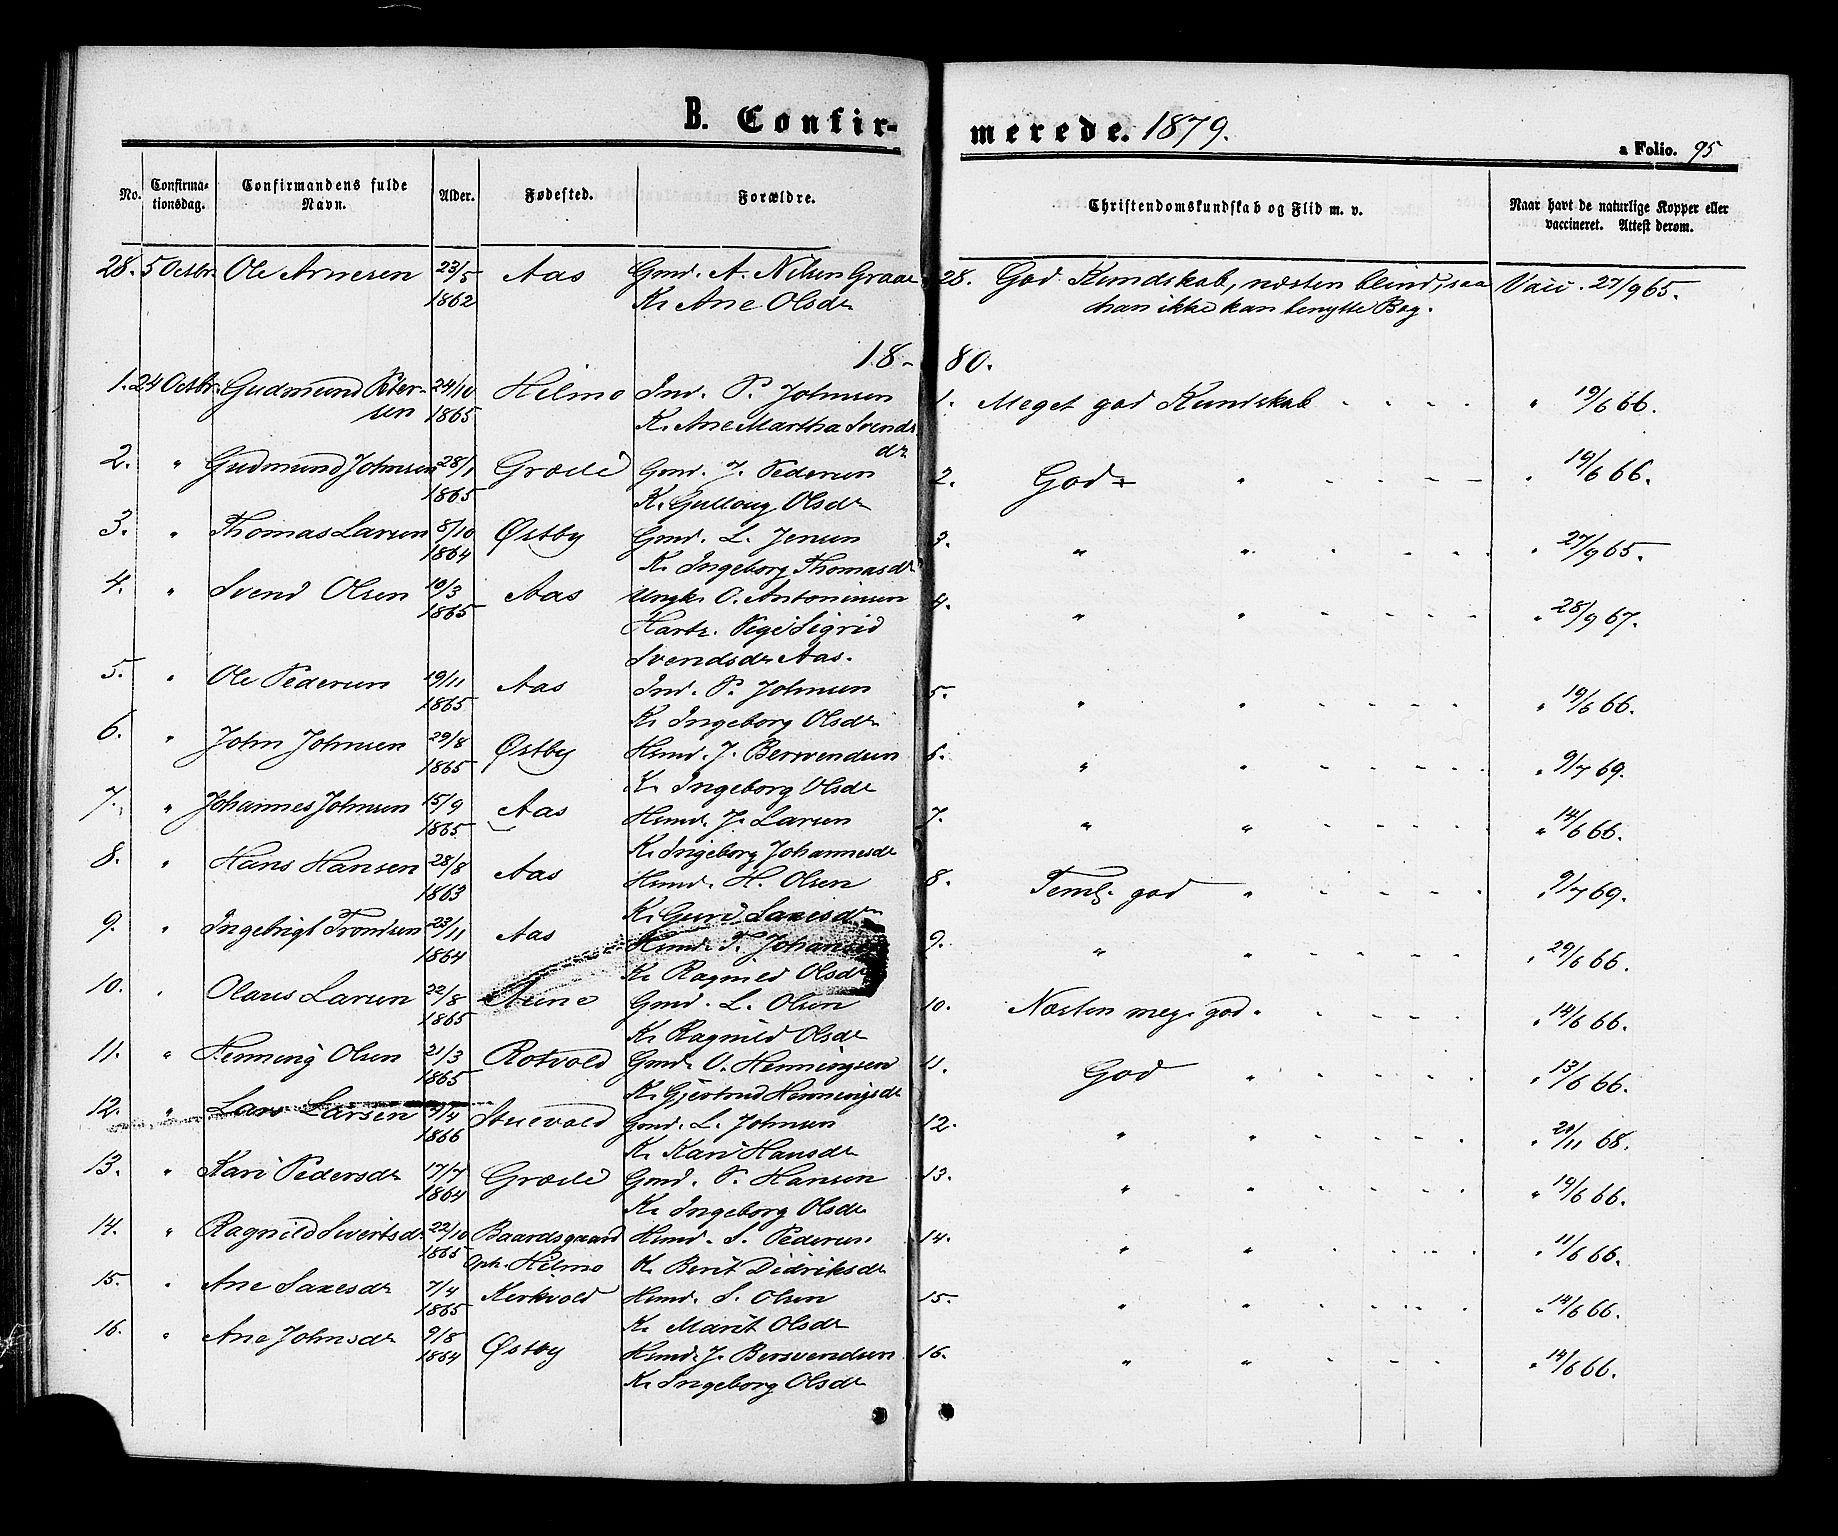 SAT, Ministerialprotokoller, klokkerbøker og fødselsregistre - Sør-Trøndelag, 698/L1163: Ministerialbok nr. 698A01, 1862-1887, s. 95